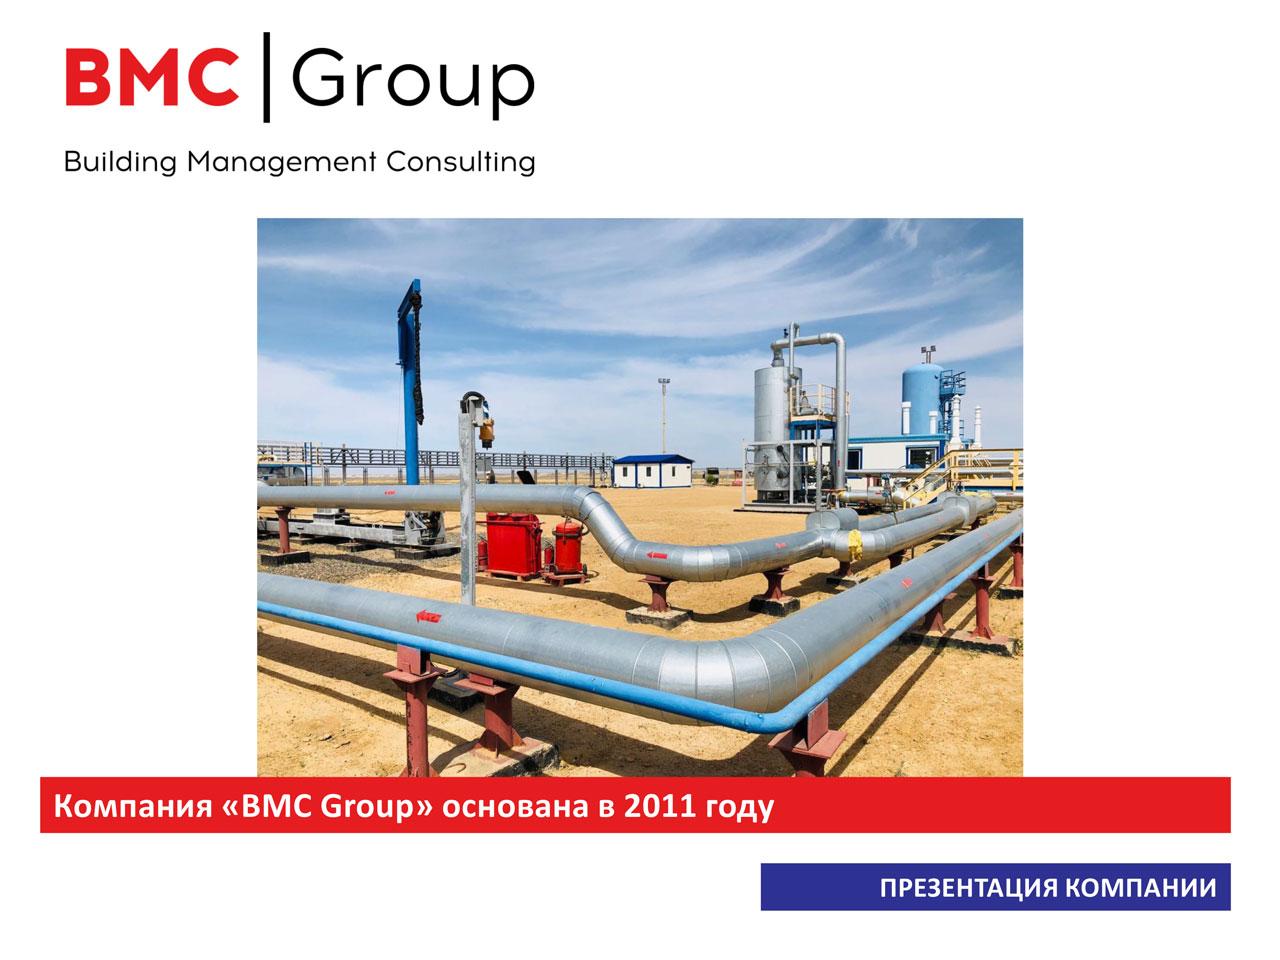 Презентация строительной компании BMC Group